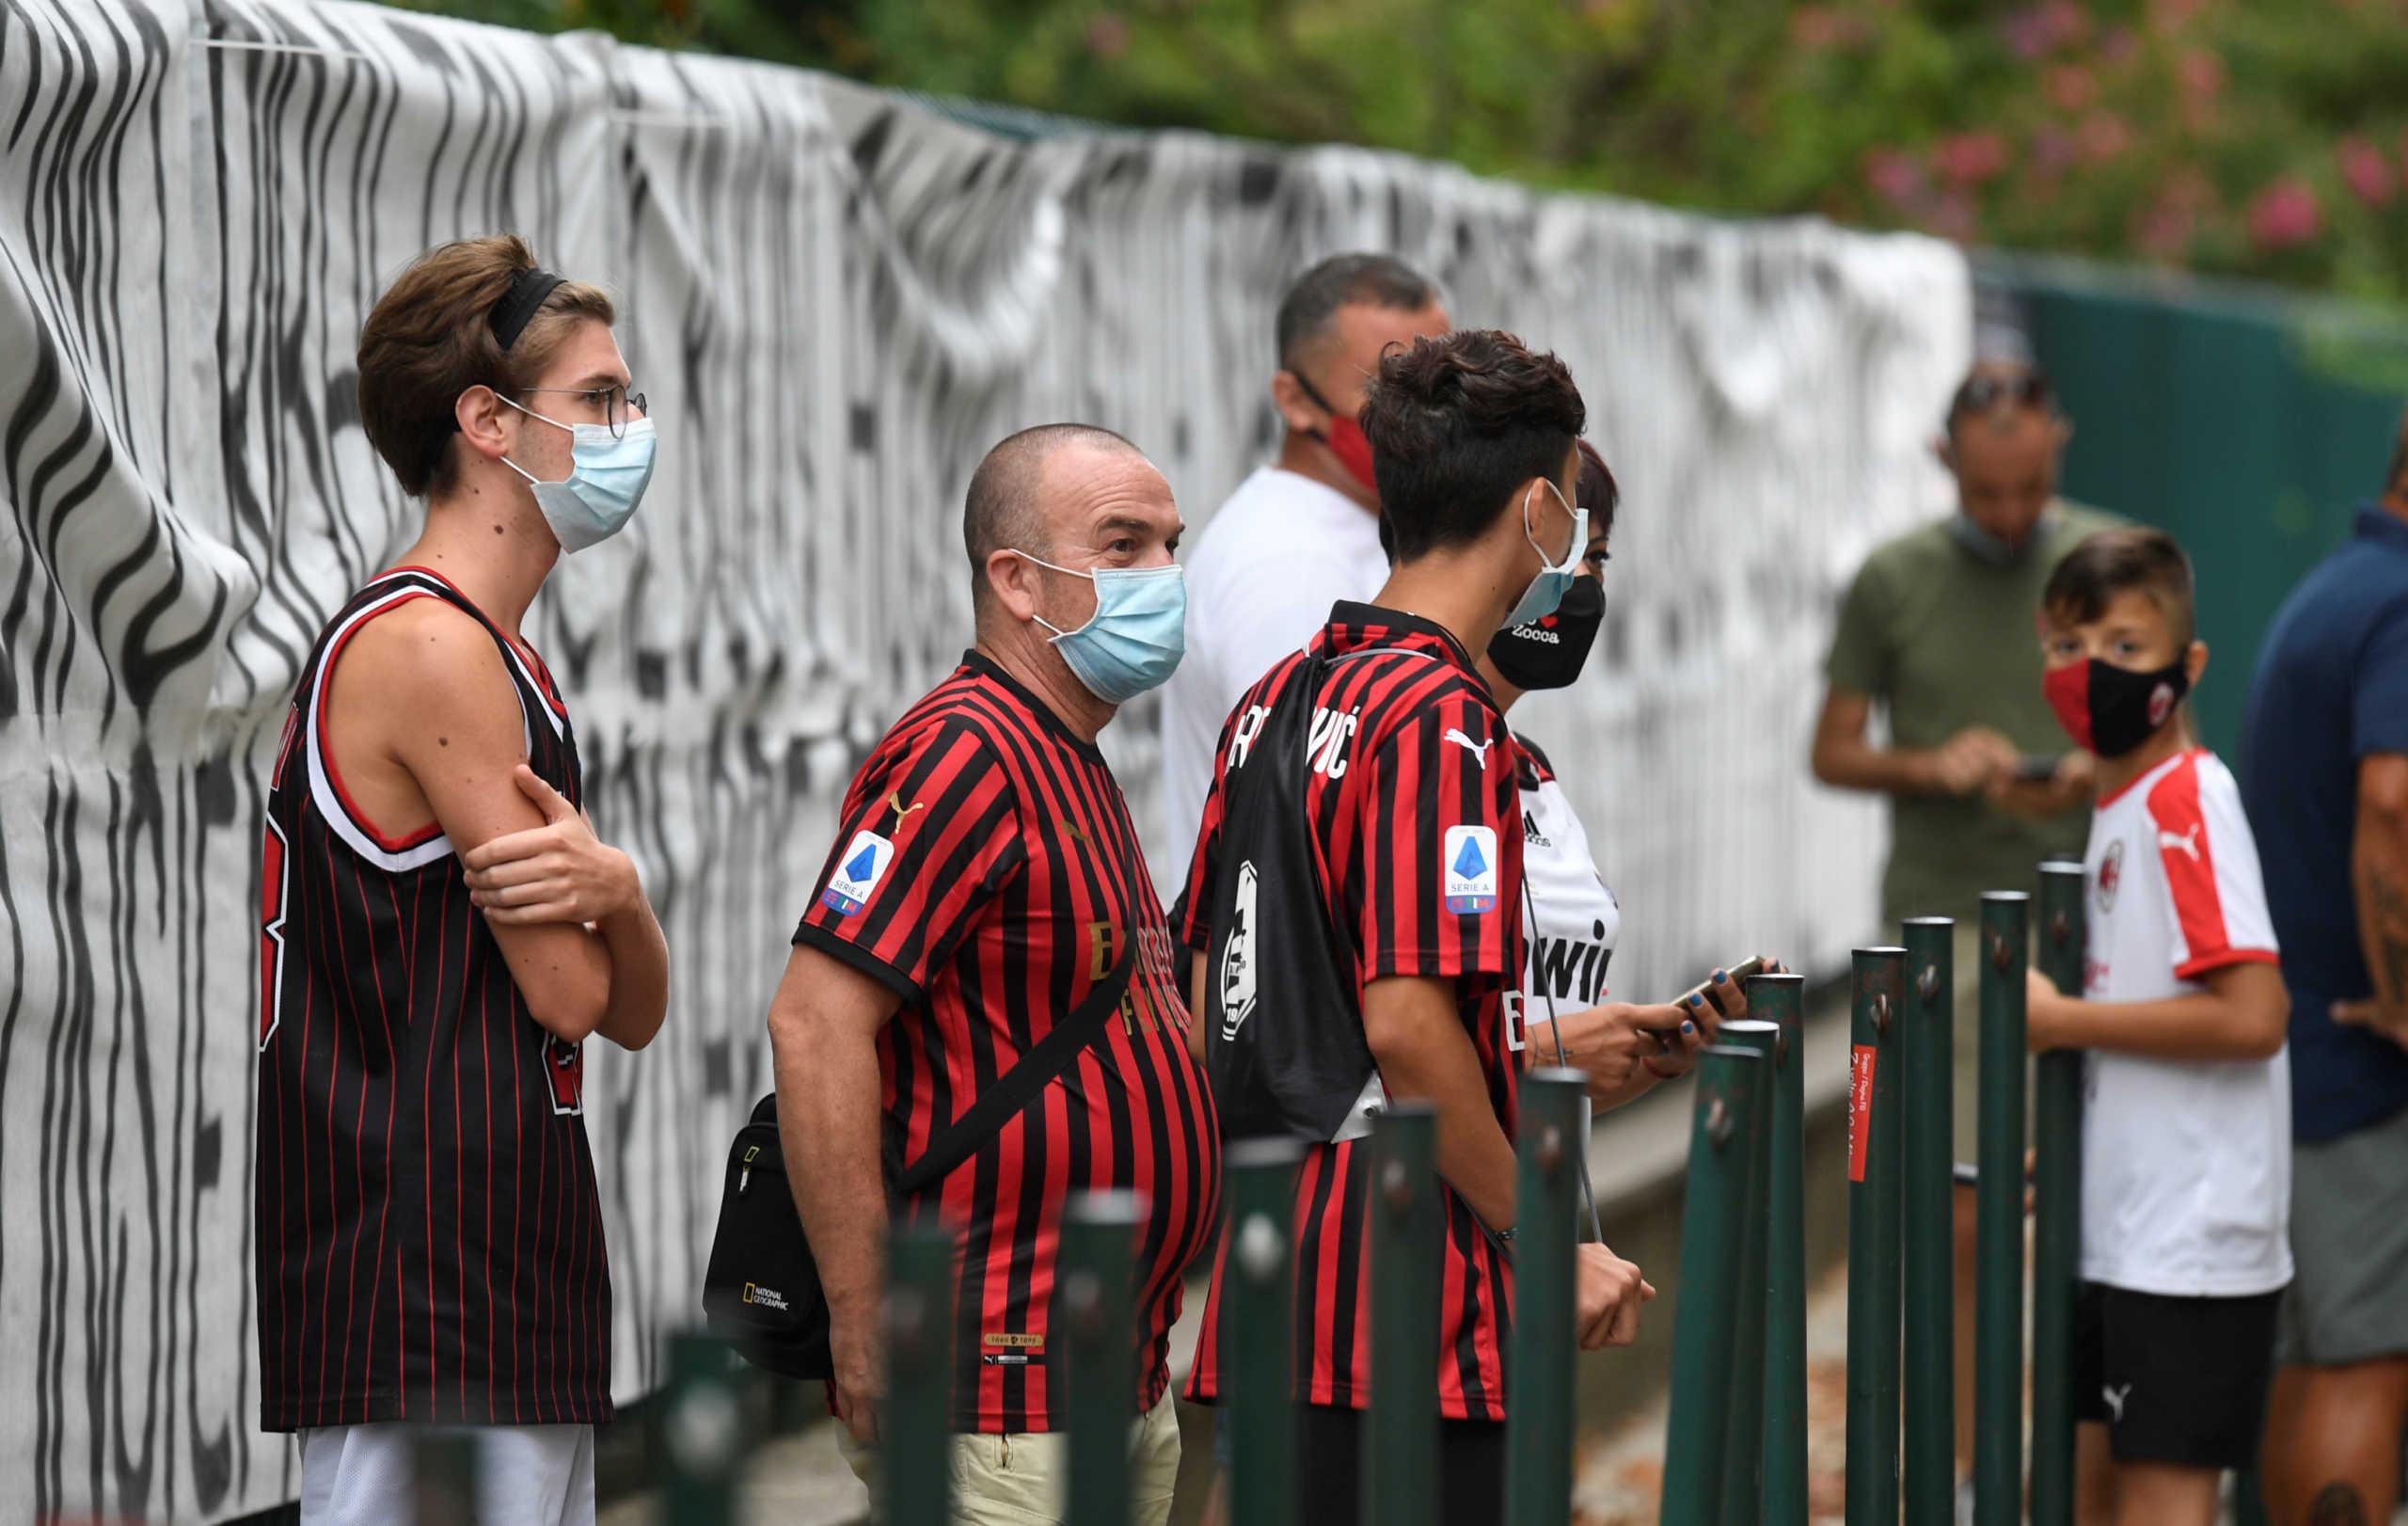 Κορονοϊός: Ντέρμπι με οπαδούς στο Μιλάνο τον Οκτώβριο!